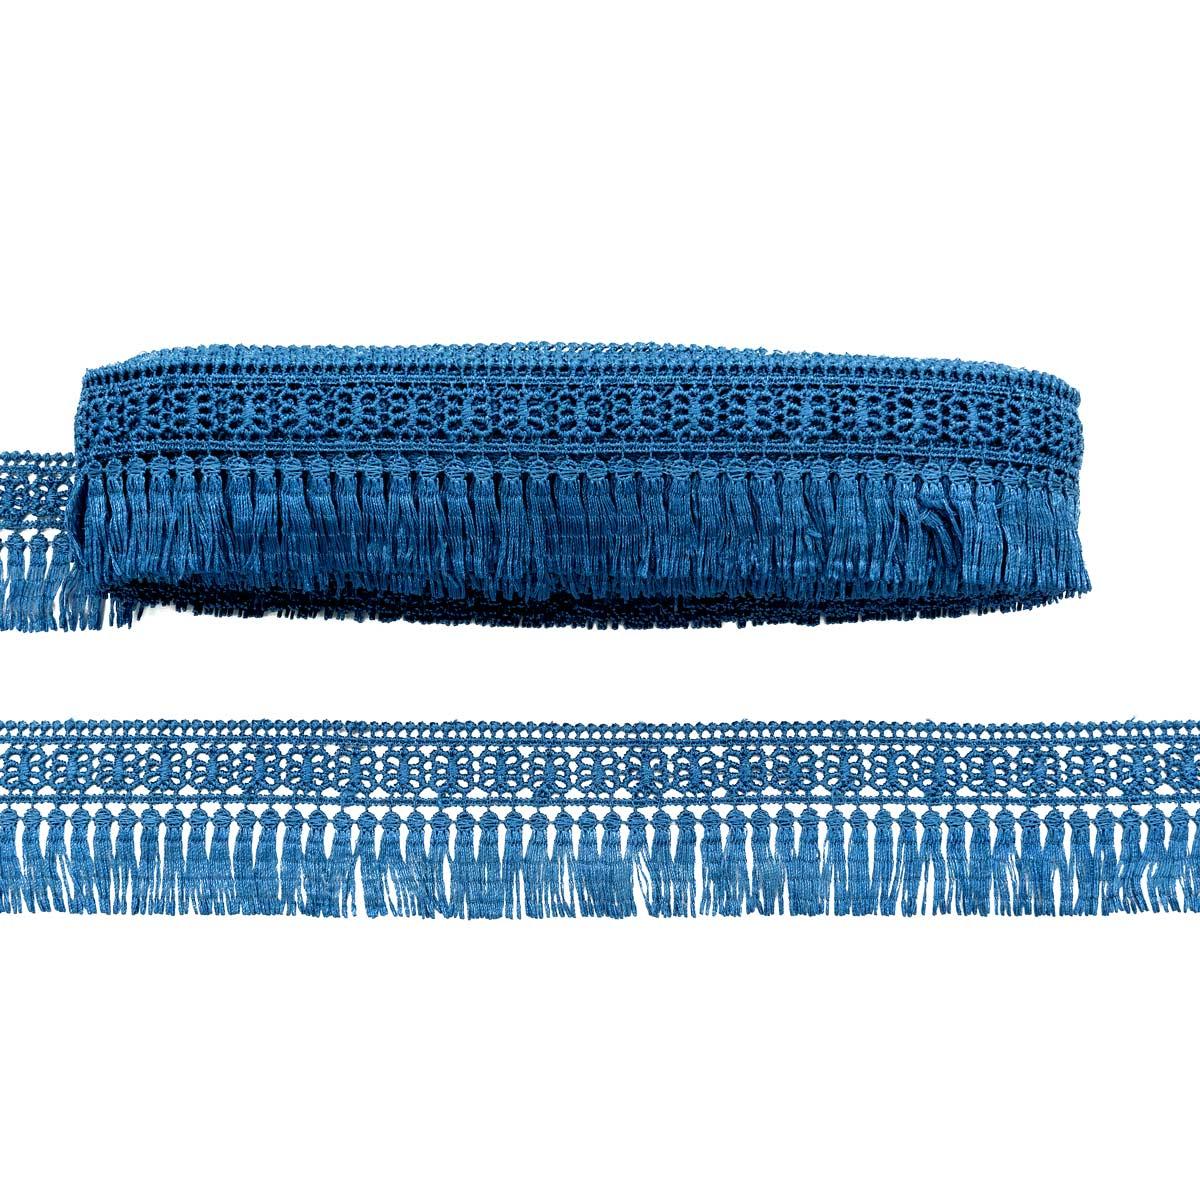 3AR880 Кружево гипюр с бахромой 5см*13,72м (21515 джинсовый) фото